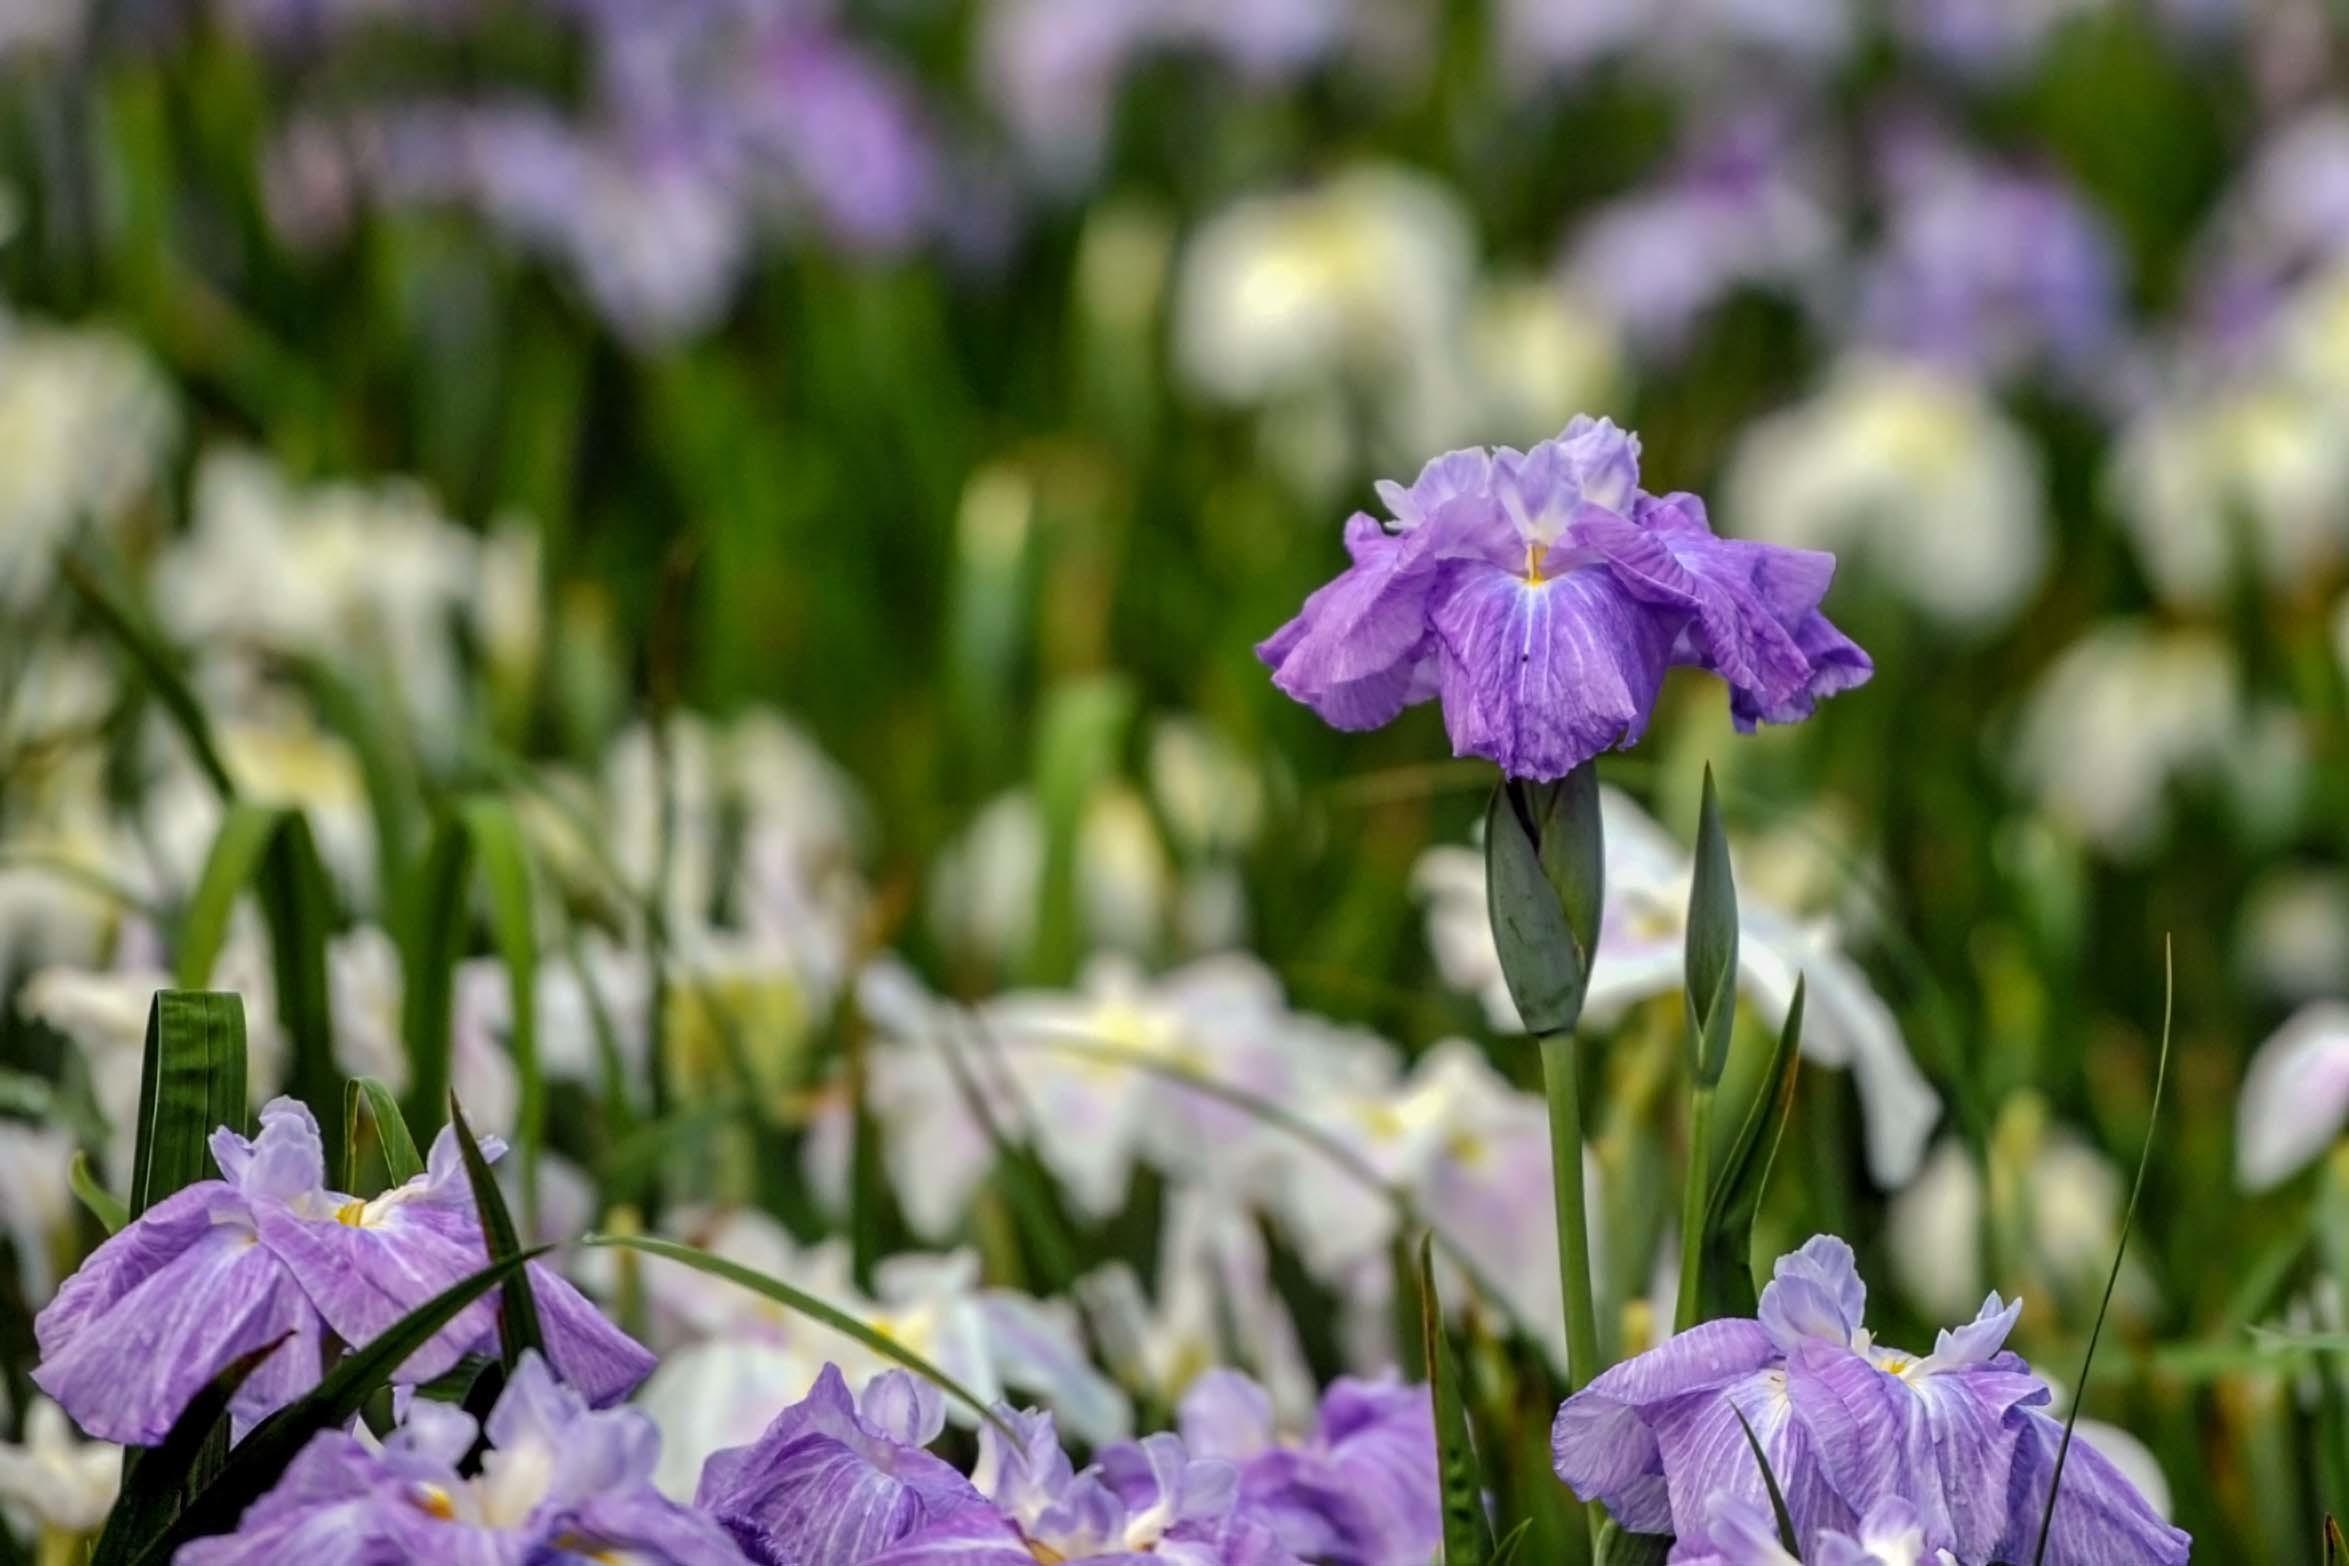 かわつ花菖蒲園 2018 多種多様な花々の魅力_d0246136_14505843.jpg